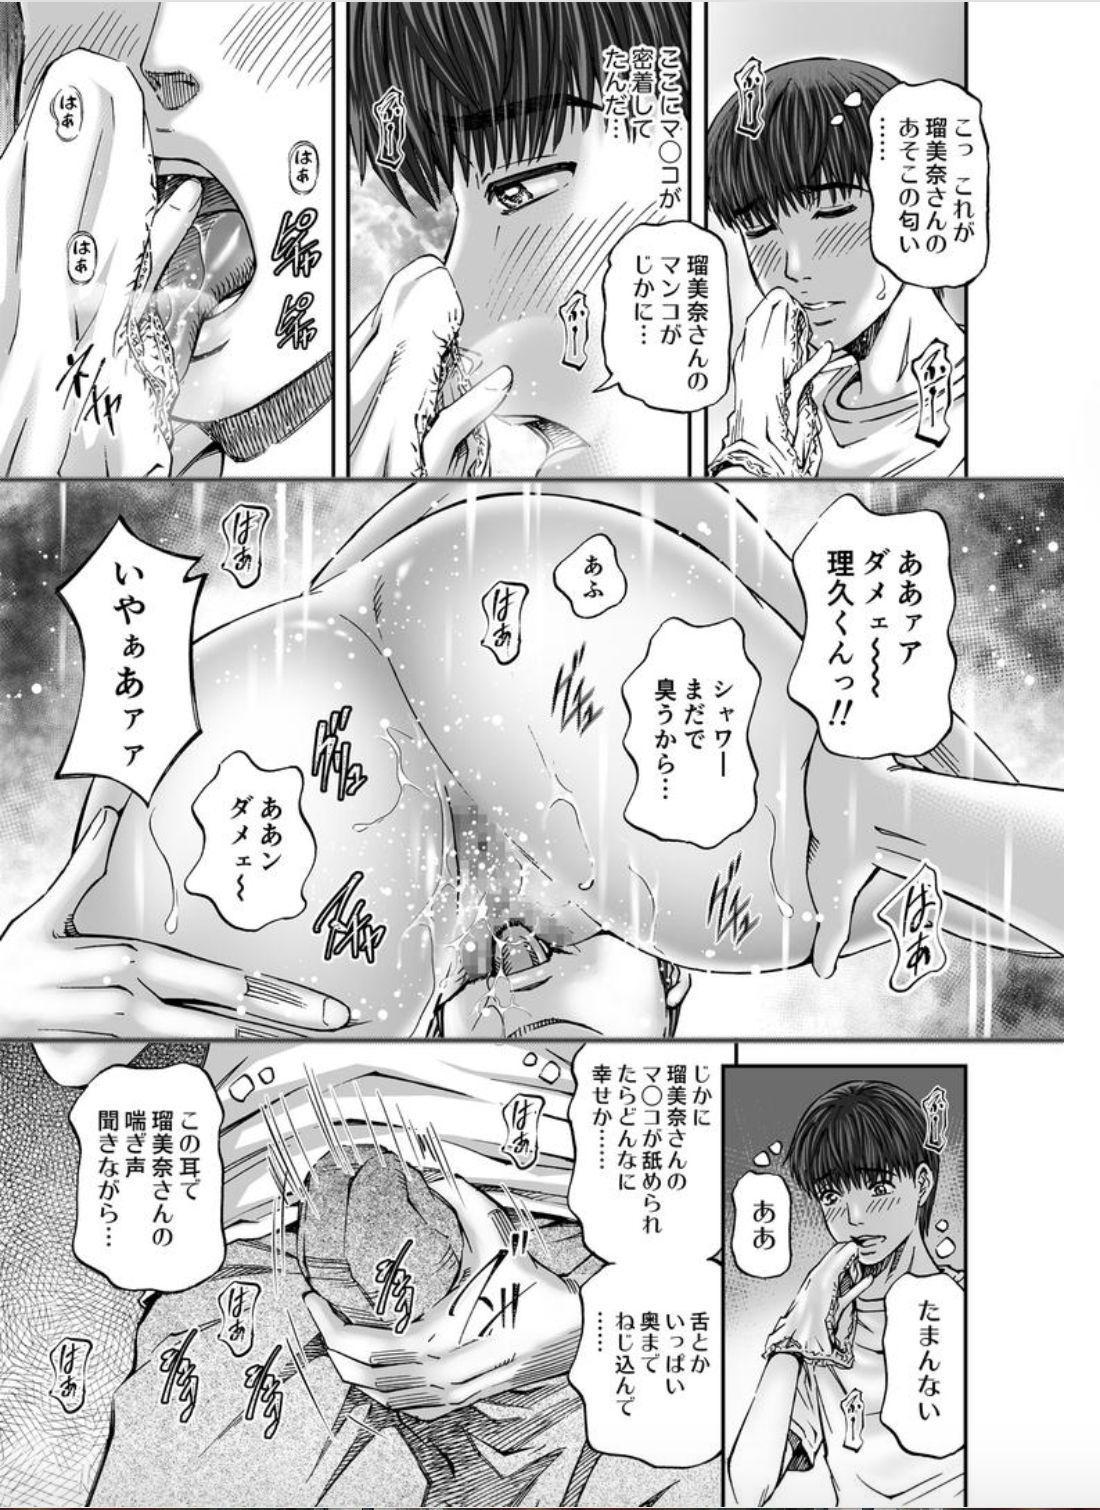 Seisyoku Dance Hitodzuma no chitsueki ni mamirete 1-2 16